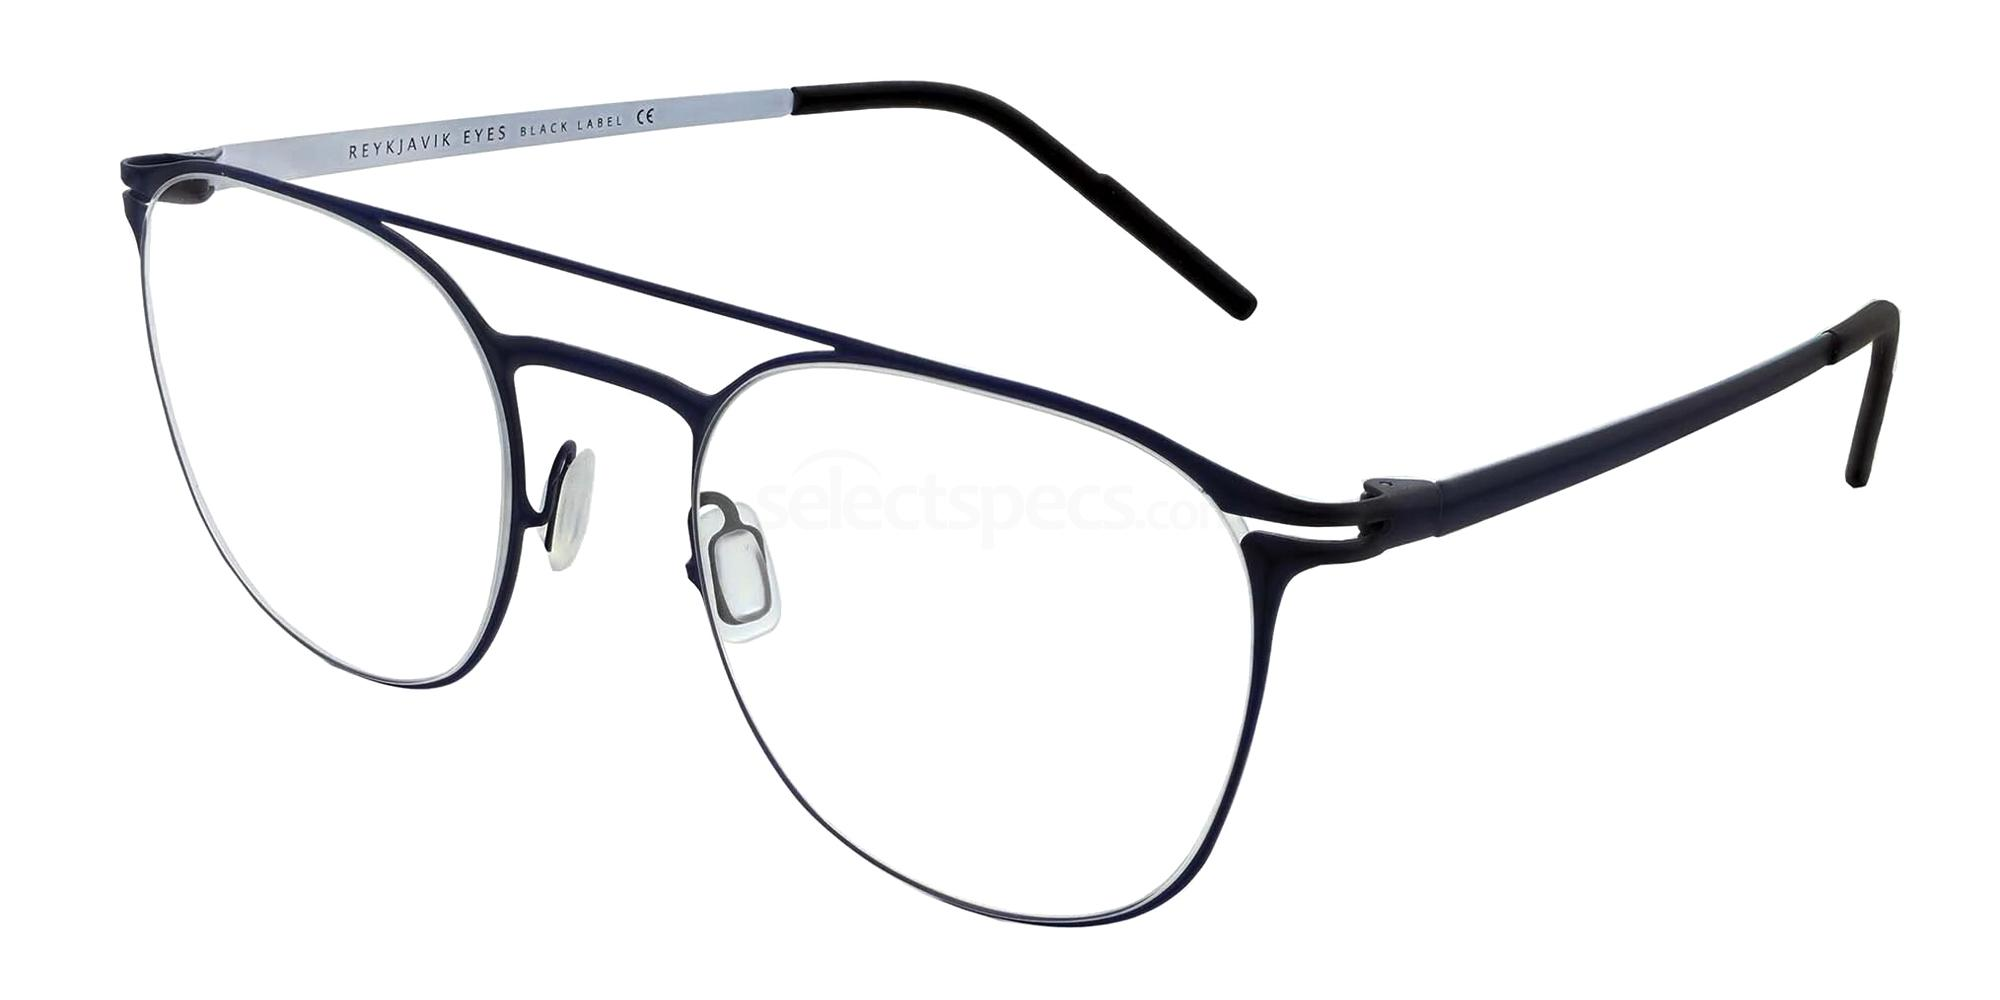 С1 VOR Glasses, Reykjavik Eyes Black Label